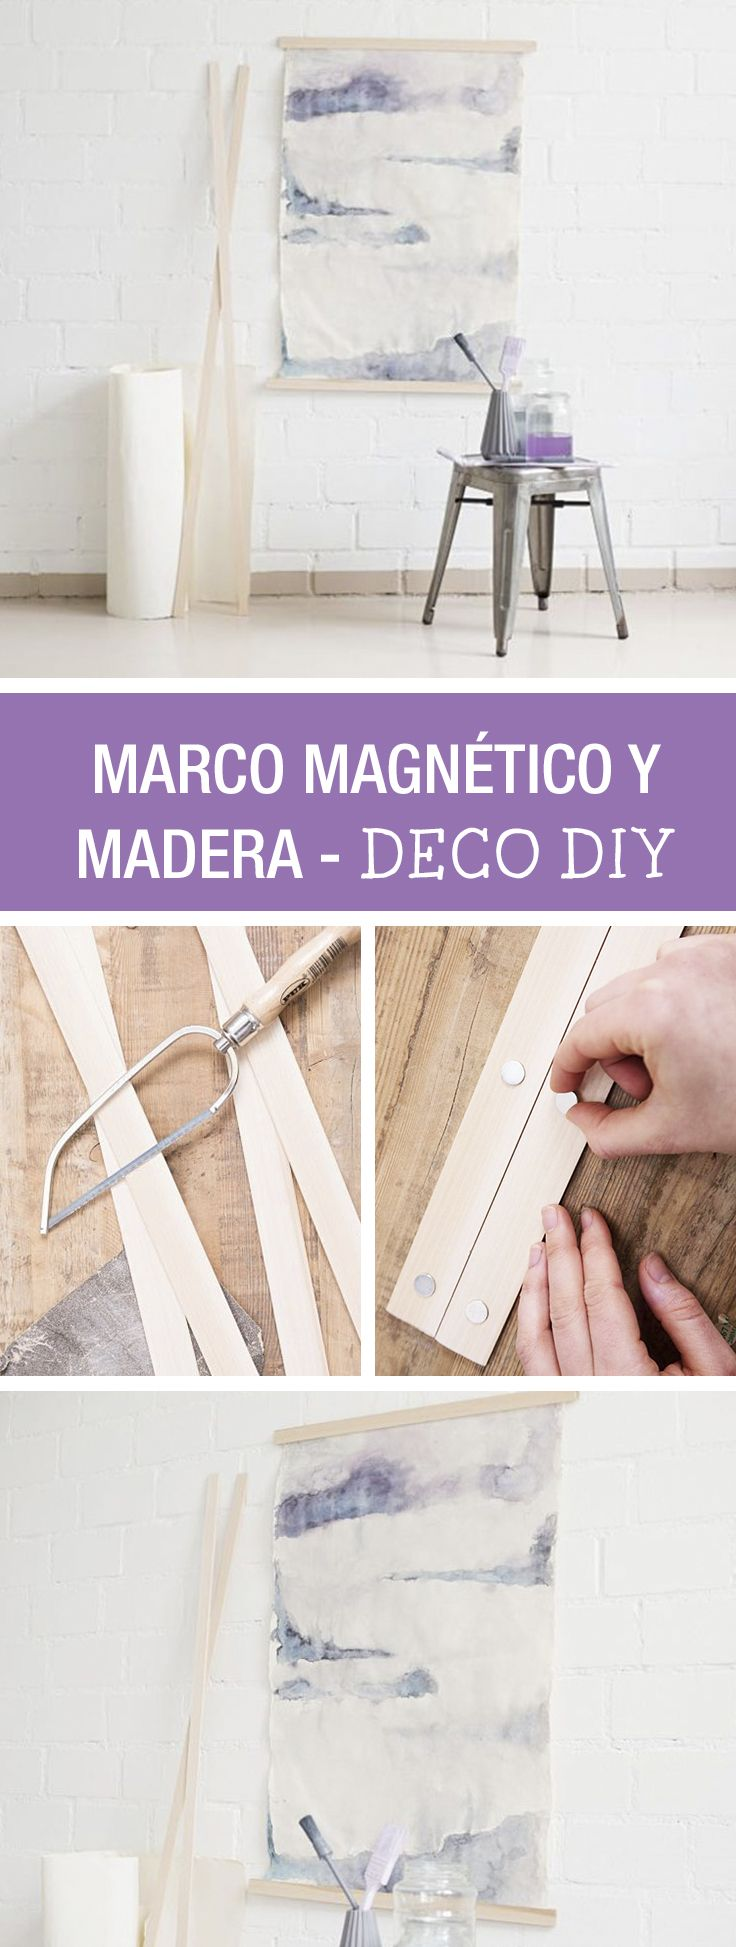 Mejores 71 imágenes de DIY: muebles de madera, palets y decoración ...